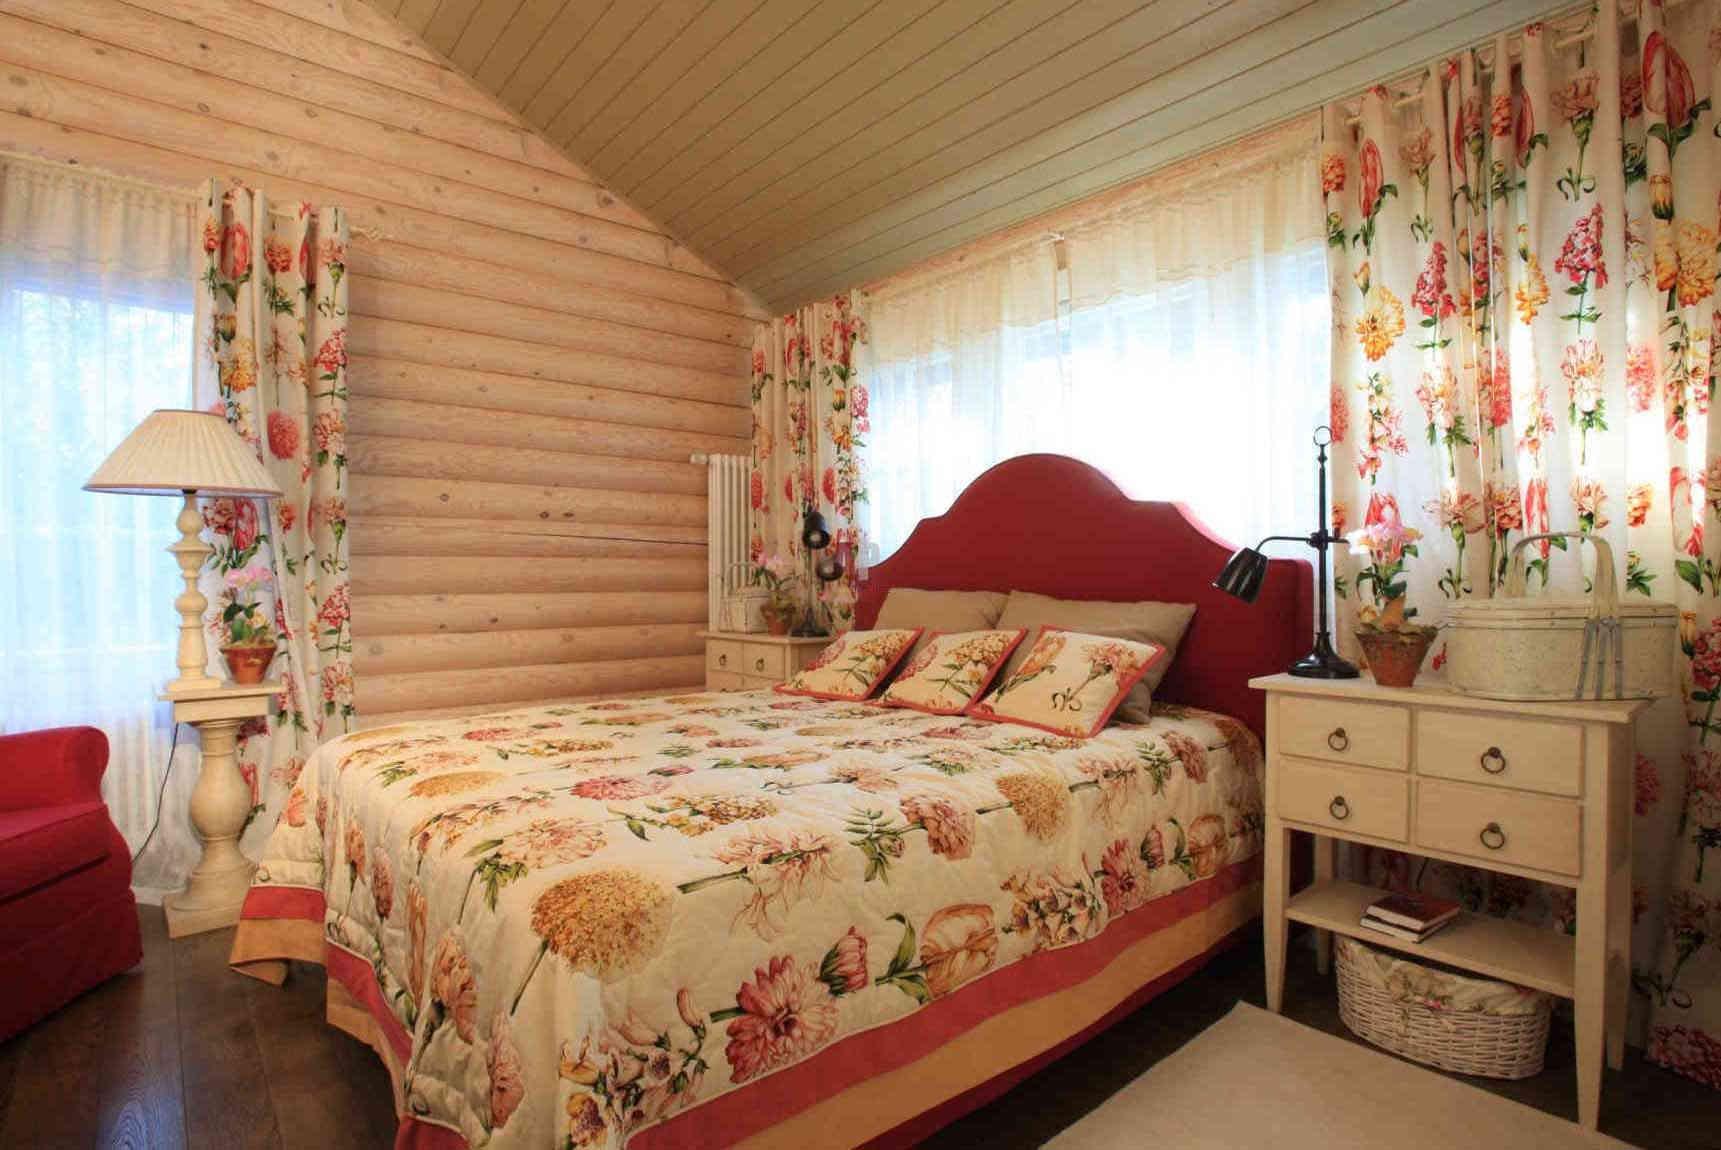 дизайн спальни с вагонкой в деревенском доме фото